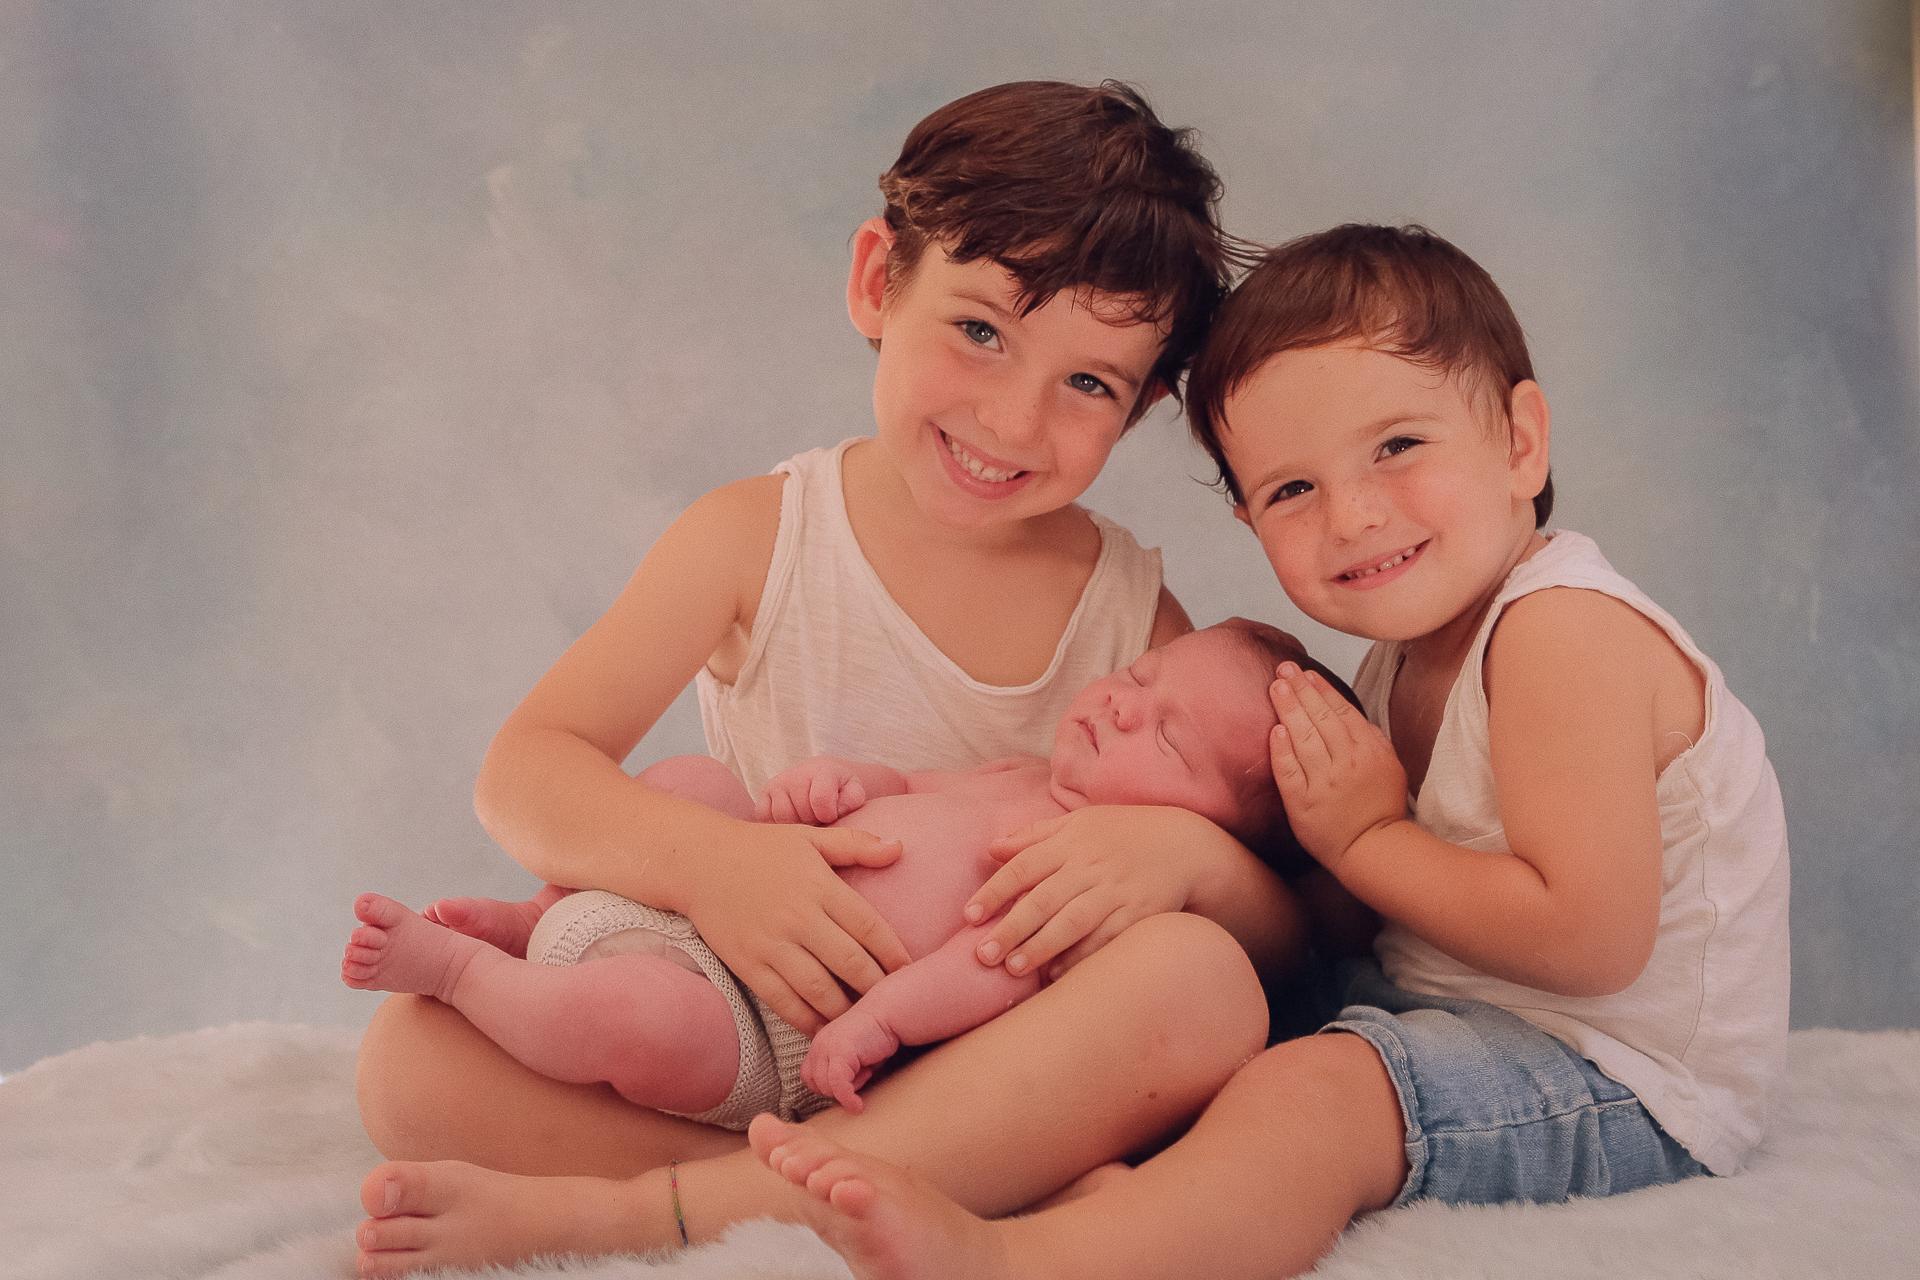 fotografo de recien nacidos donostia